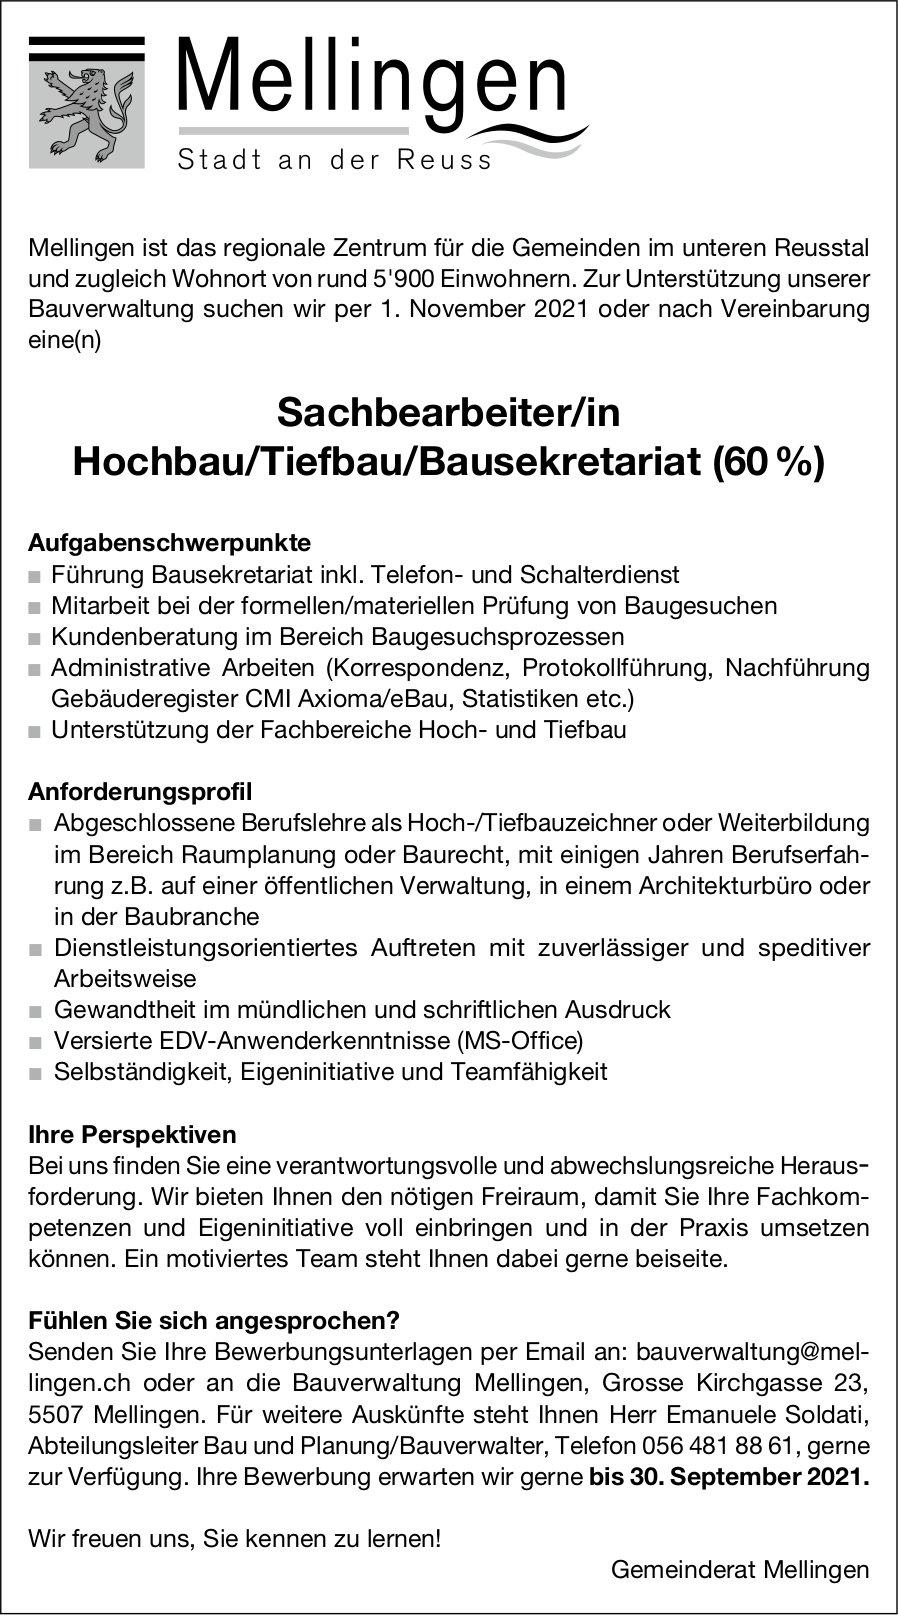 Sachbearbeiter/in Hochbau/Tiefbau/Bausekretariat (60 %), Gemeinde, Mellingen, gesucht